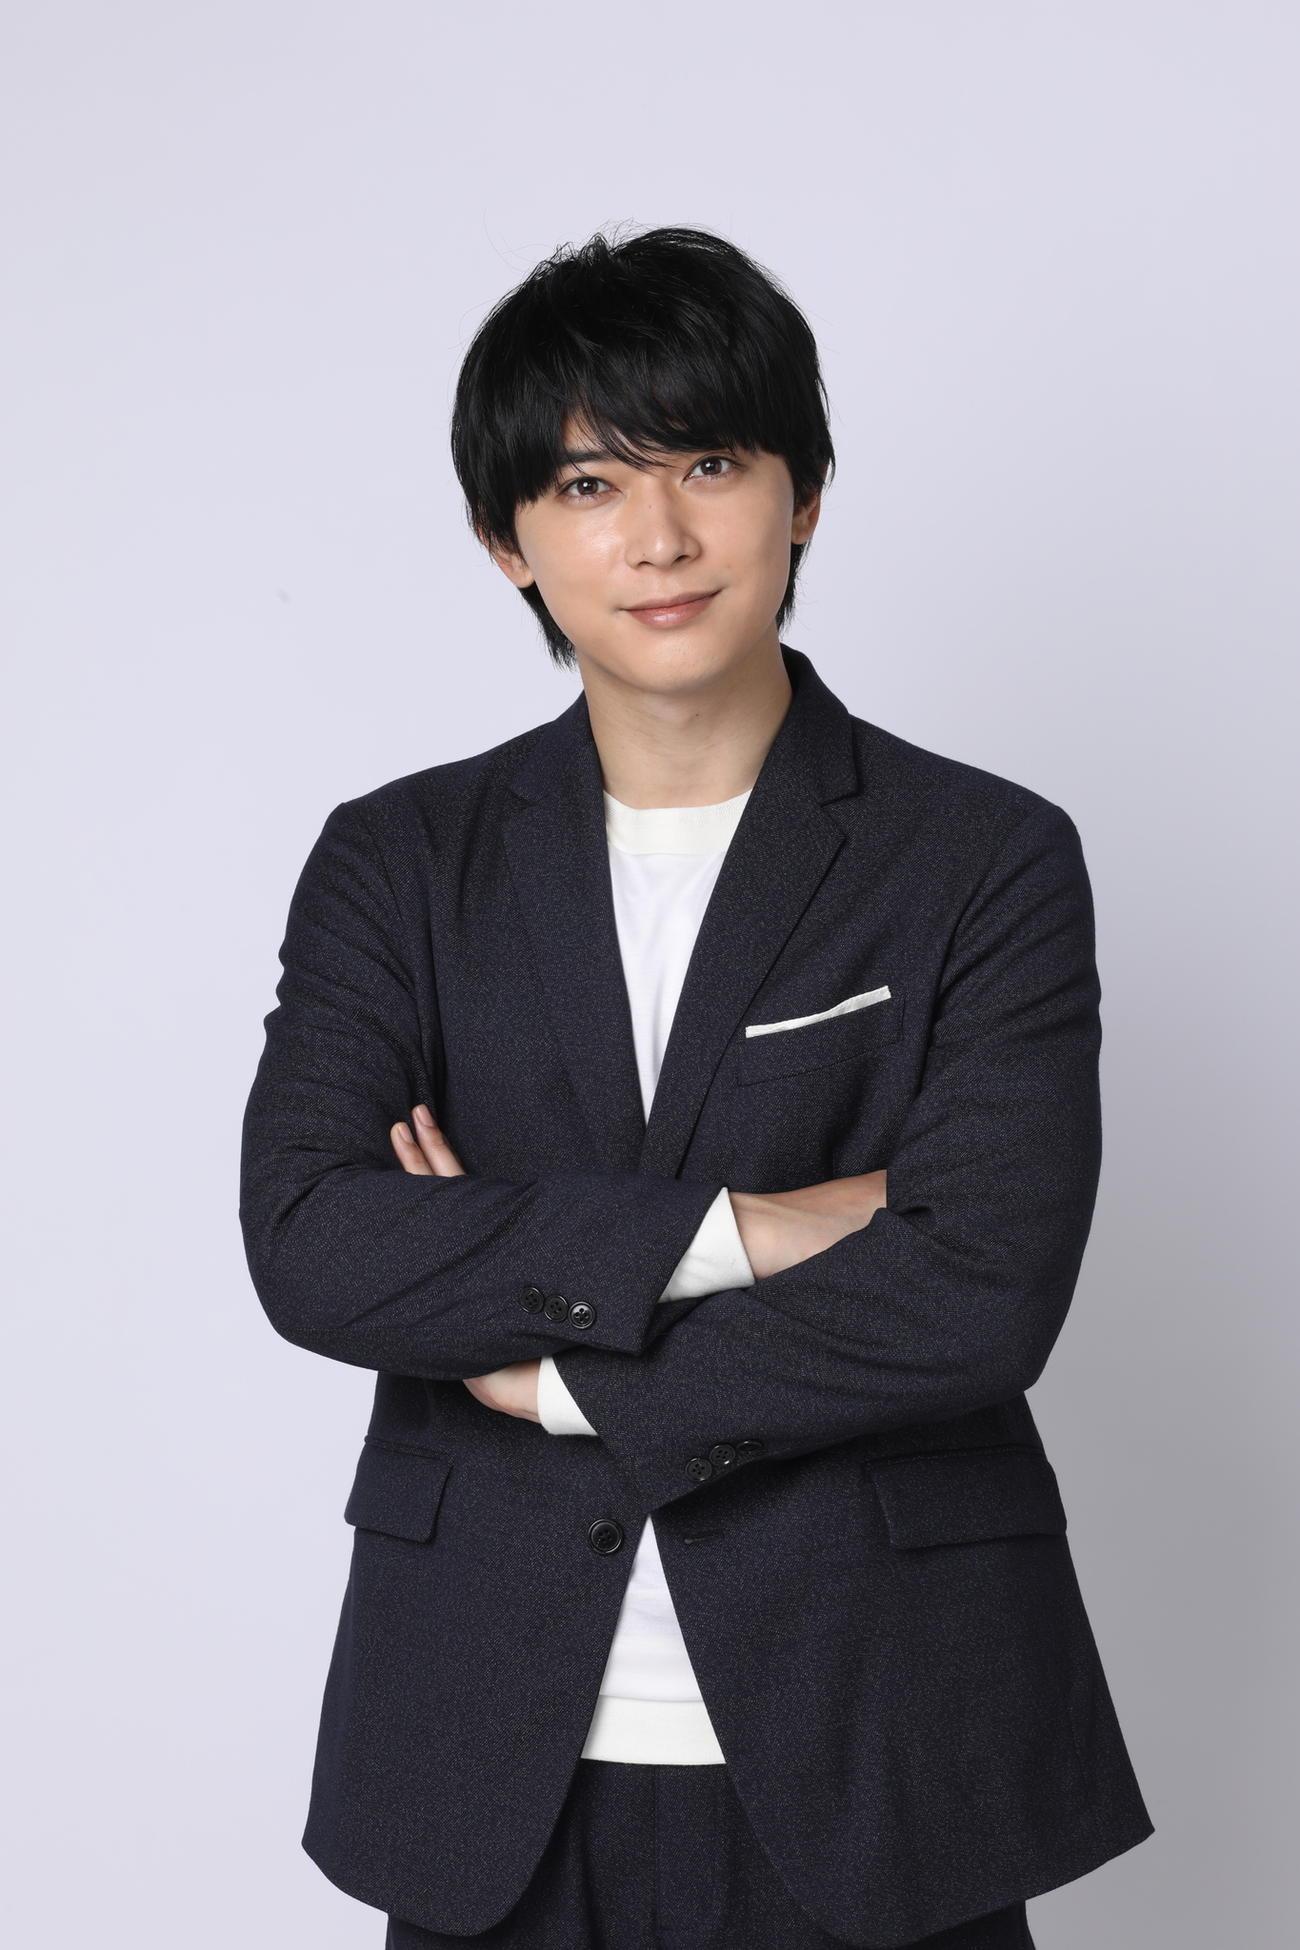 NHK大河ドラマ「青天を衝け」のオンライン会見に出席した吉沢亮